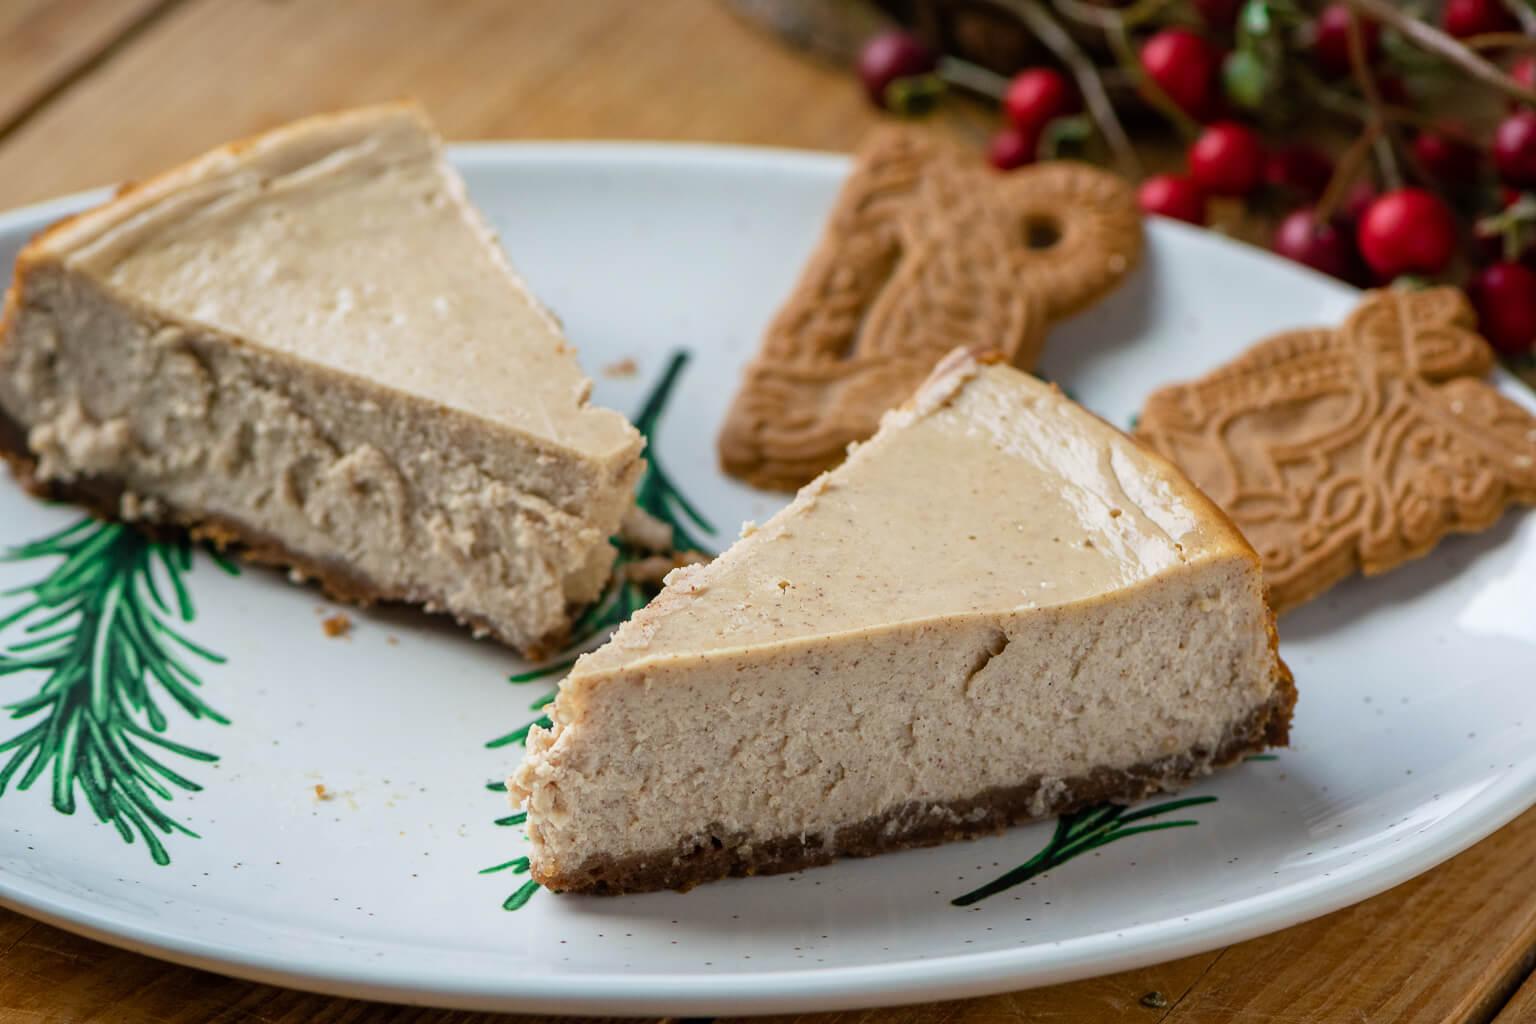 Cremiger Spekulatius New York Cheesecake